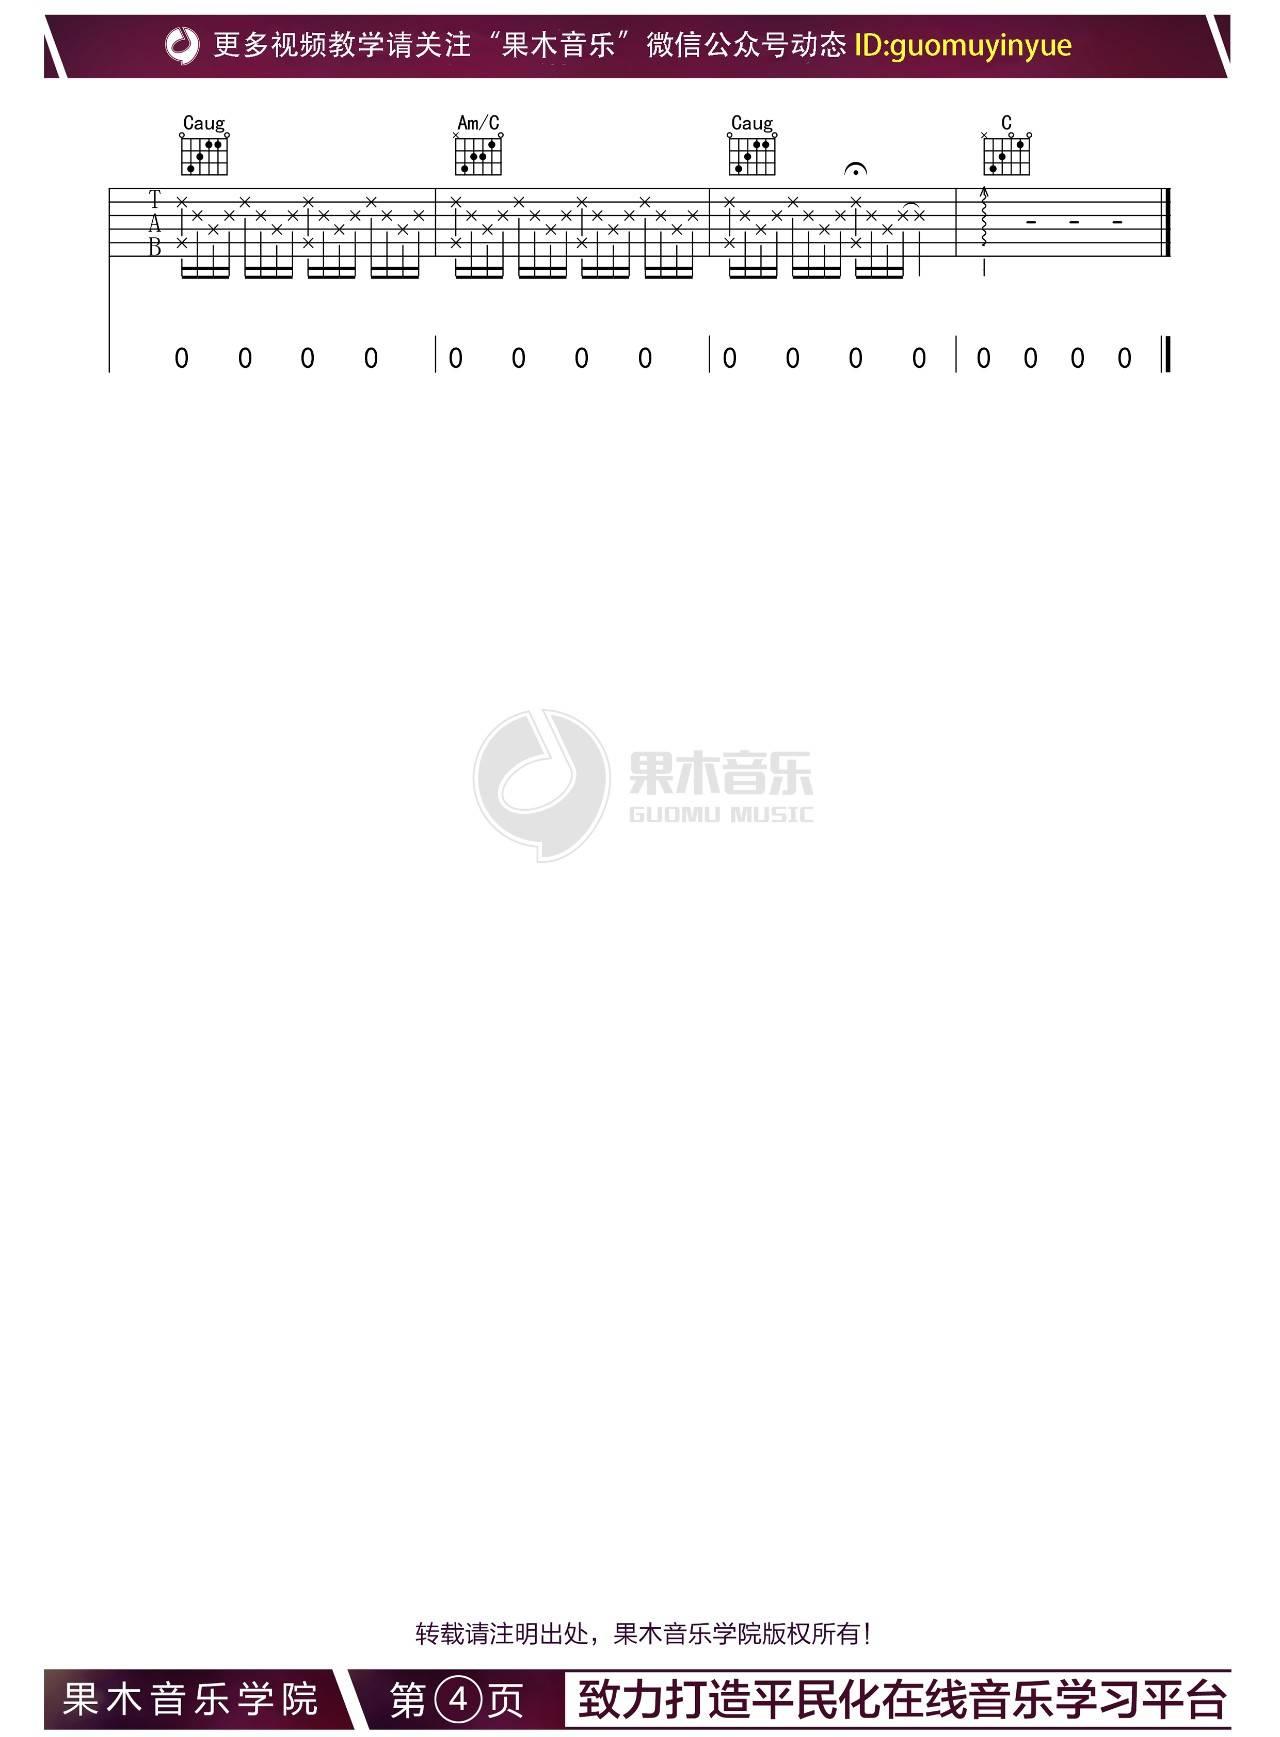 吉他派《水星记》吉他谱果木版-4